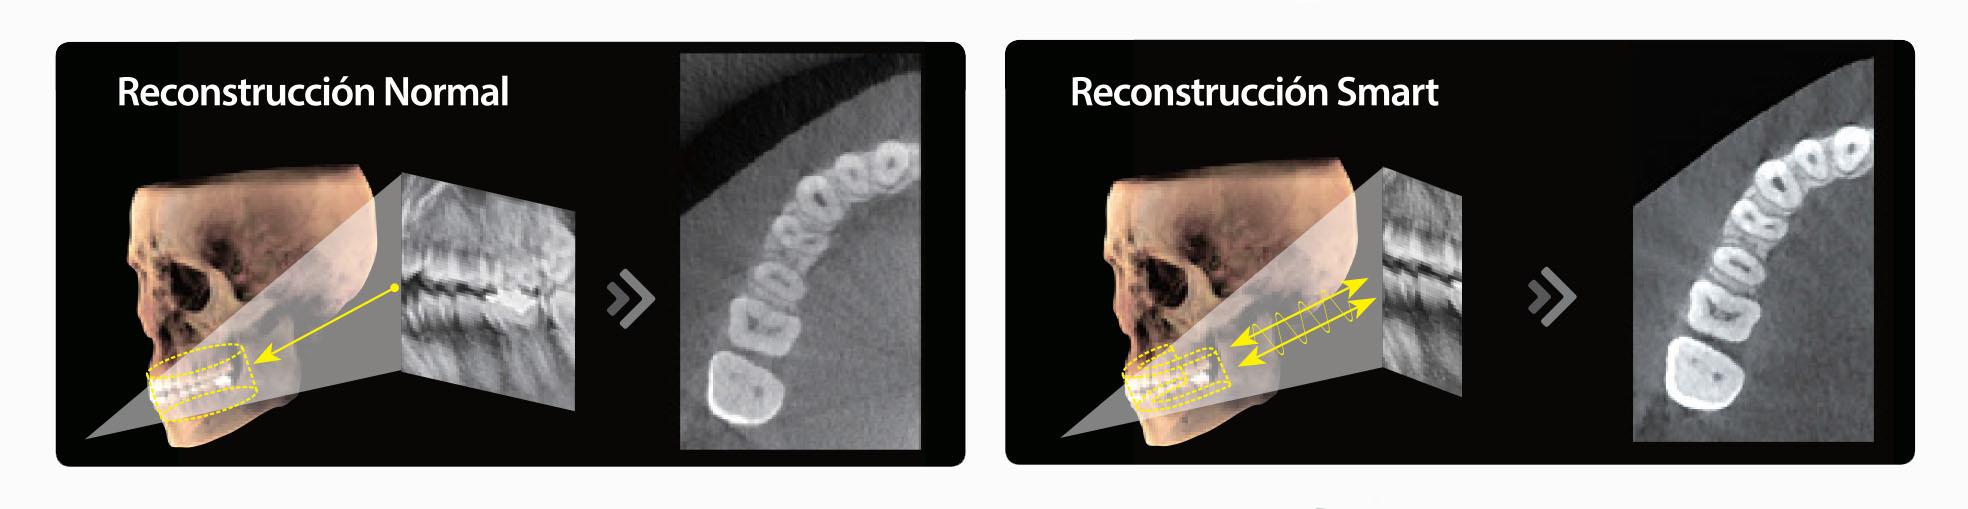 Mejoramos tecnología de reconstrucción de imágenes Smart Plus 3D de Vatech